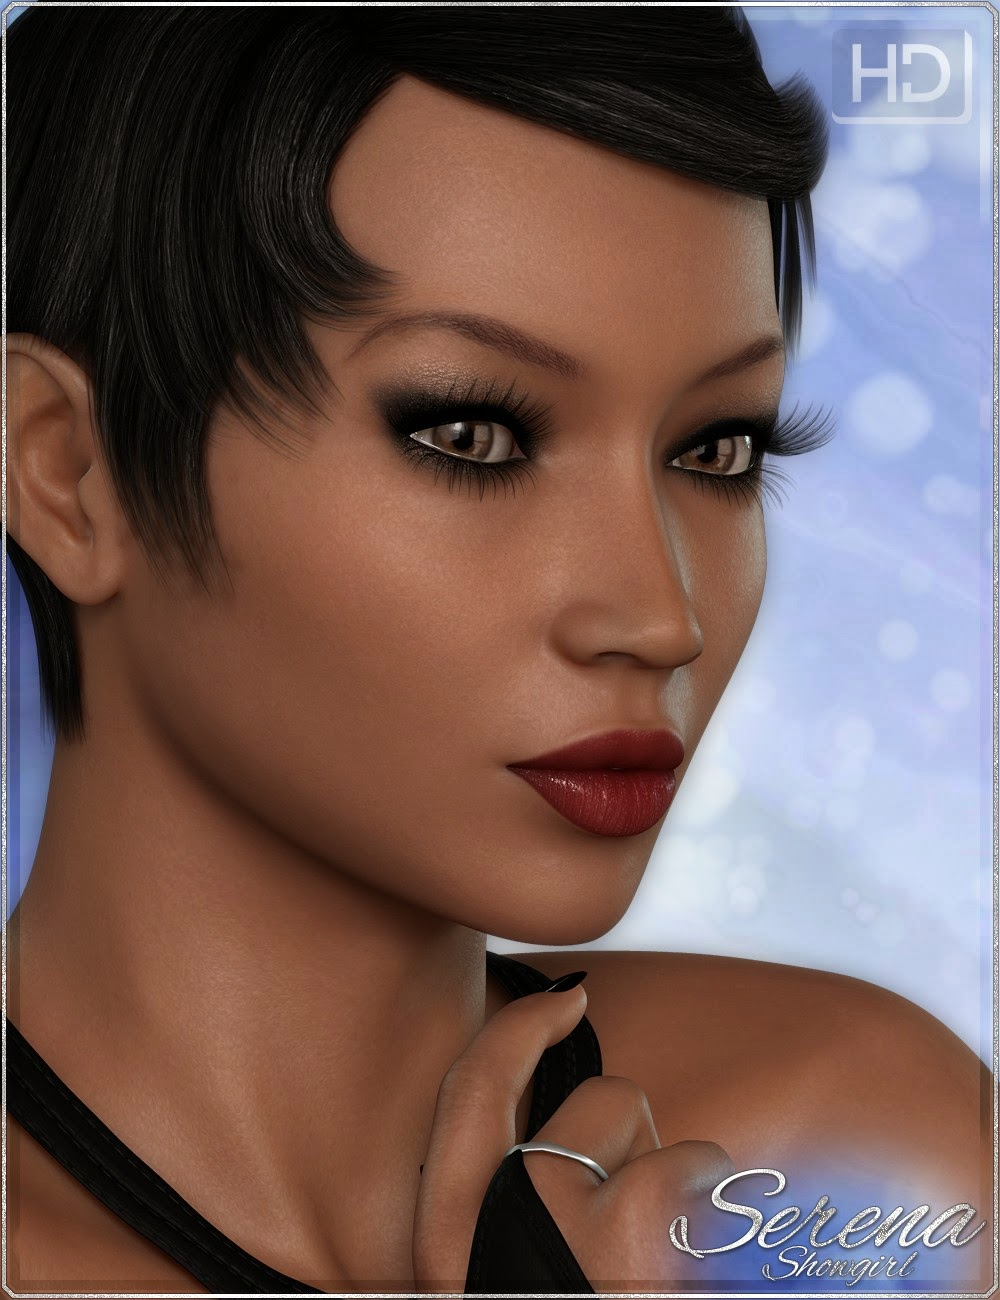 Serena Show Girl HD Bundle - Caractère, équipement et cheveux